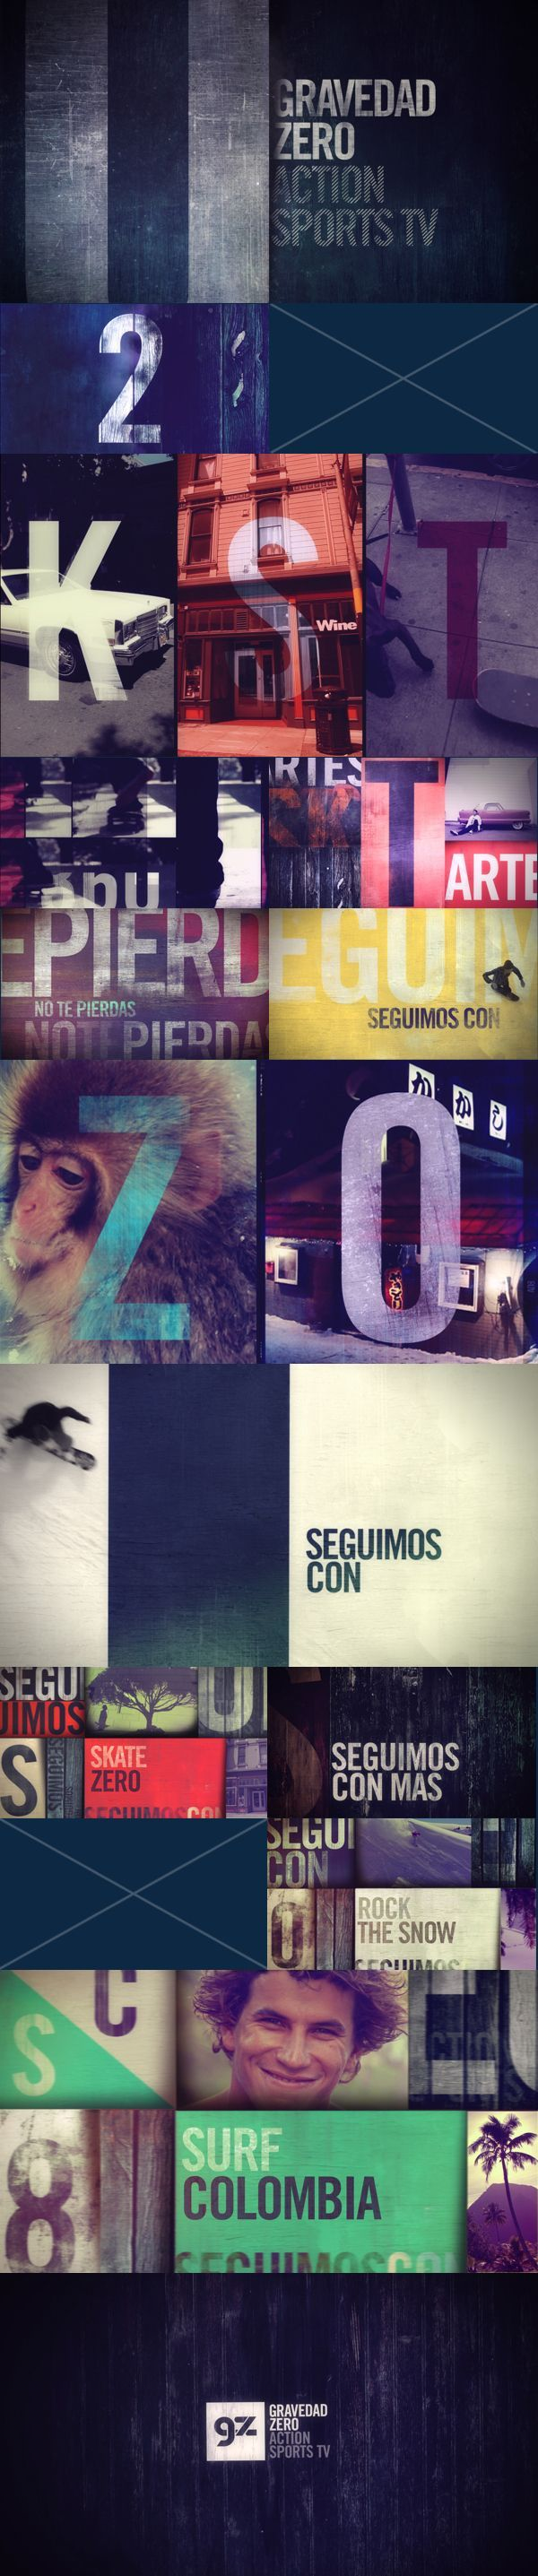 Gravedad Zero by Inland Studio